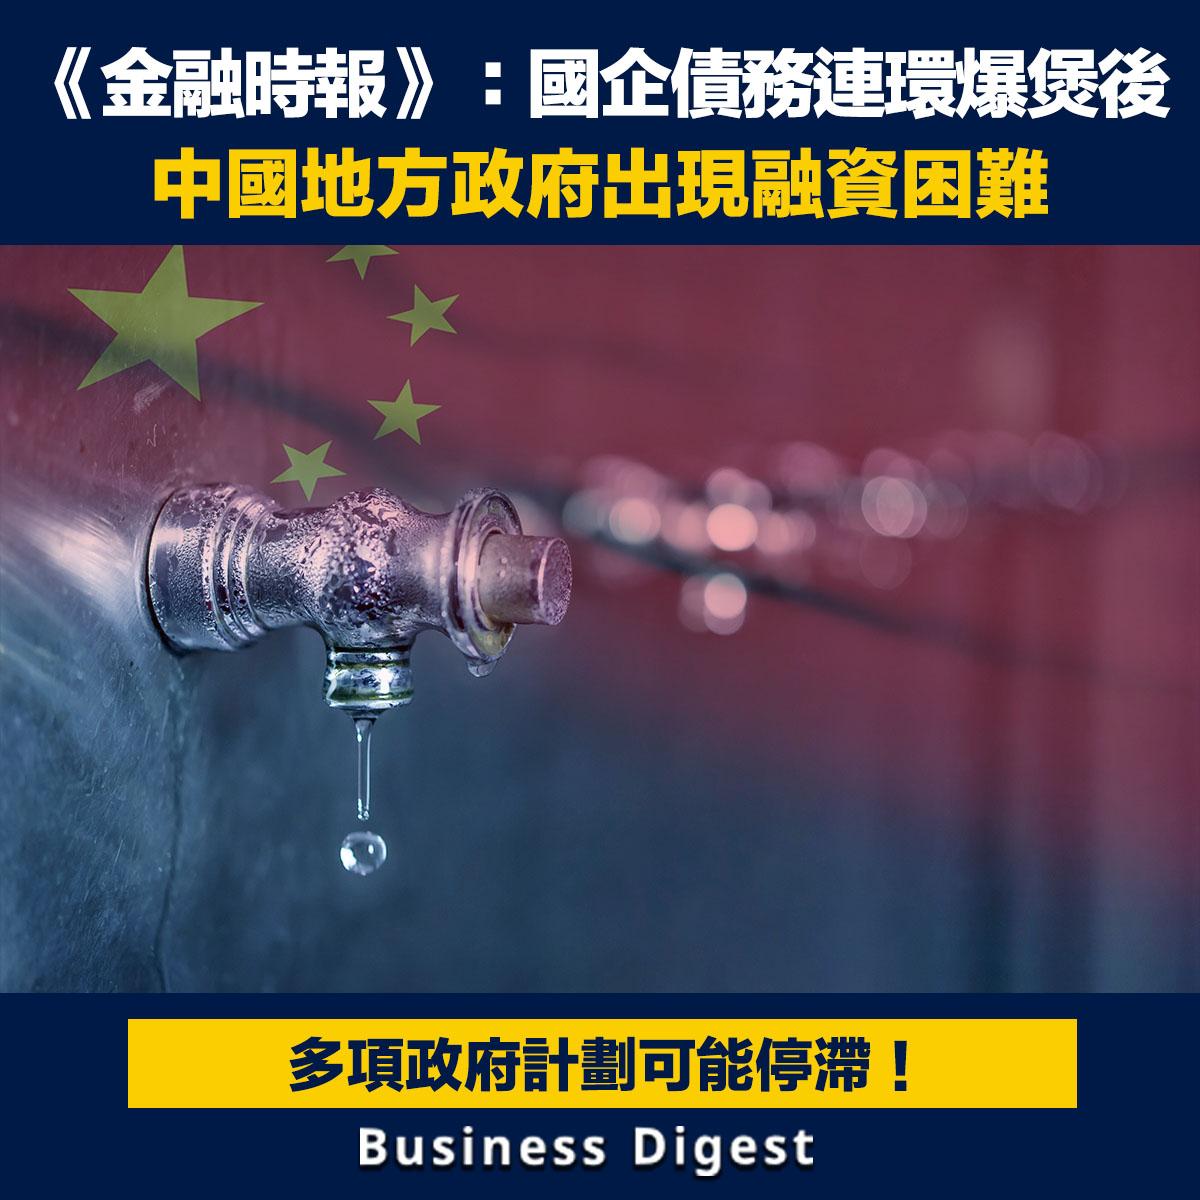 《金融時報》報導,在中國國企接連出現債務爆煲潮後,中國地方政府也出現融資困難